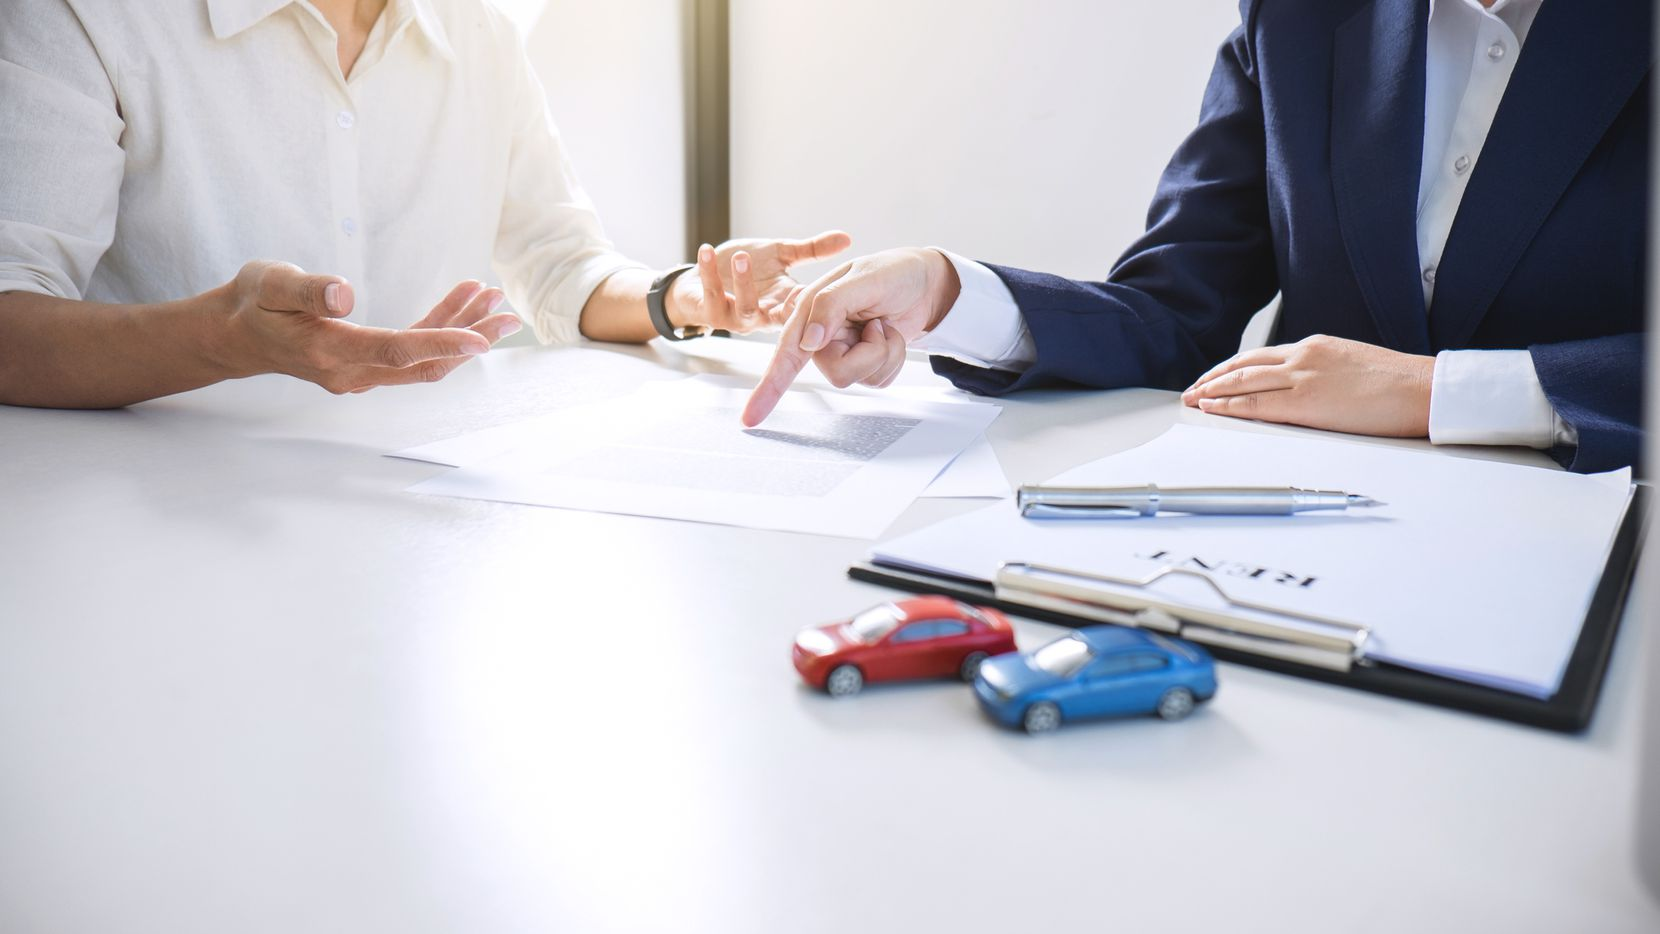 Se recomienda contactar con su agente de seguros para ver qué cambios se pueden hacer para reducir el precio de su póliza.